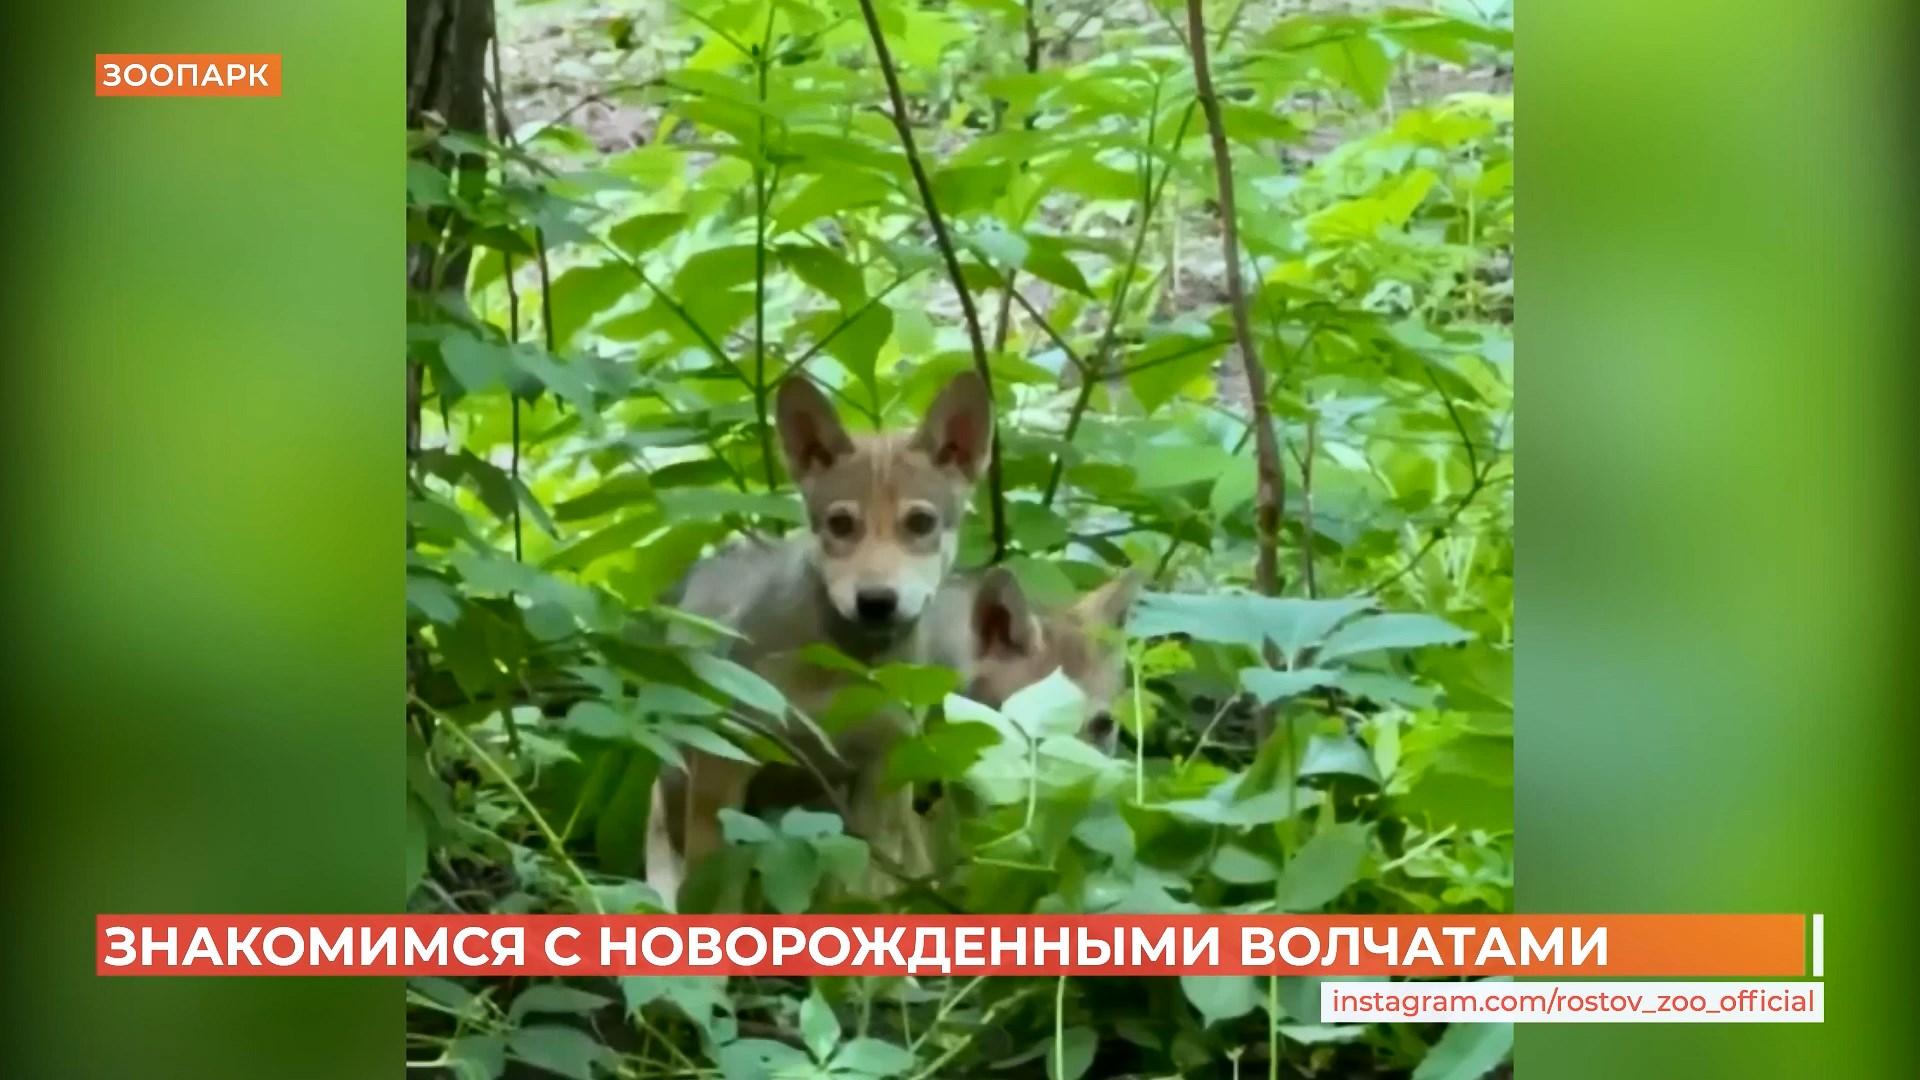 Была пара, стала стая: три волчонка родились в Ростовском зоопарке